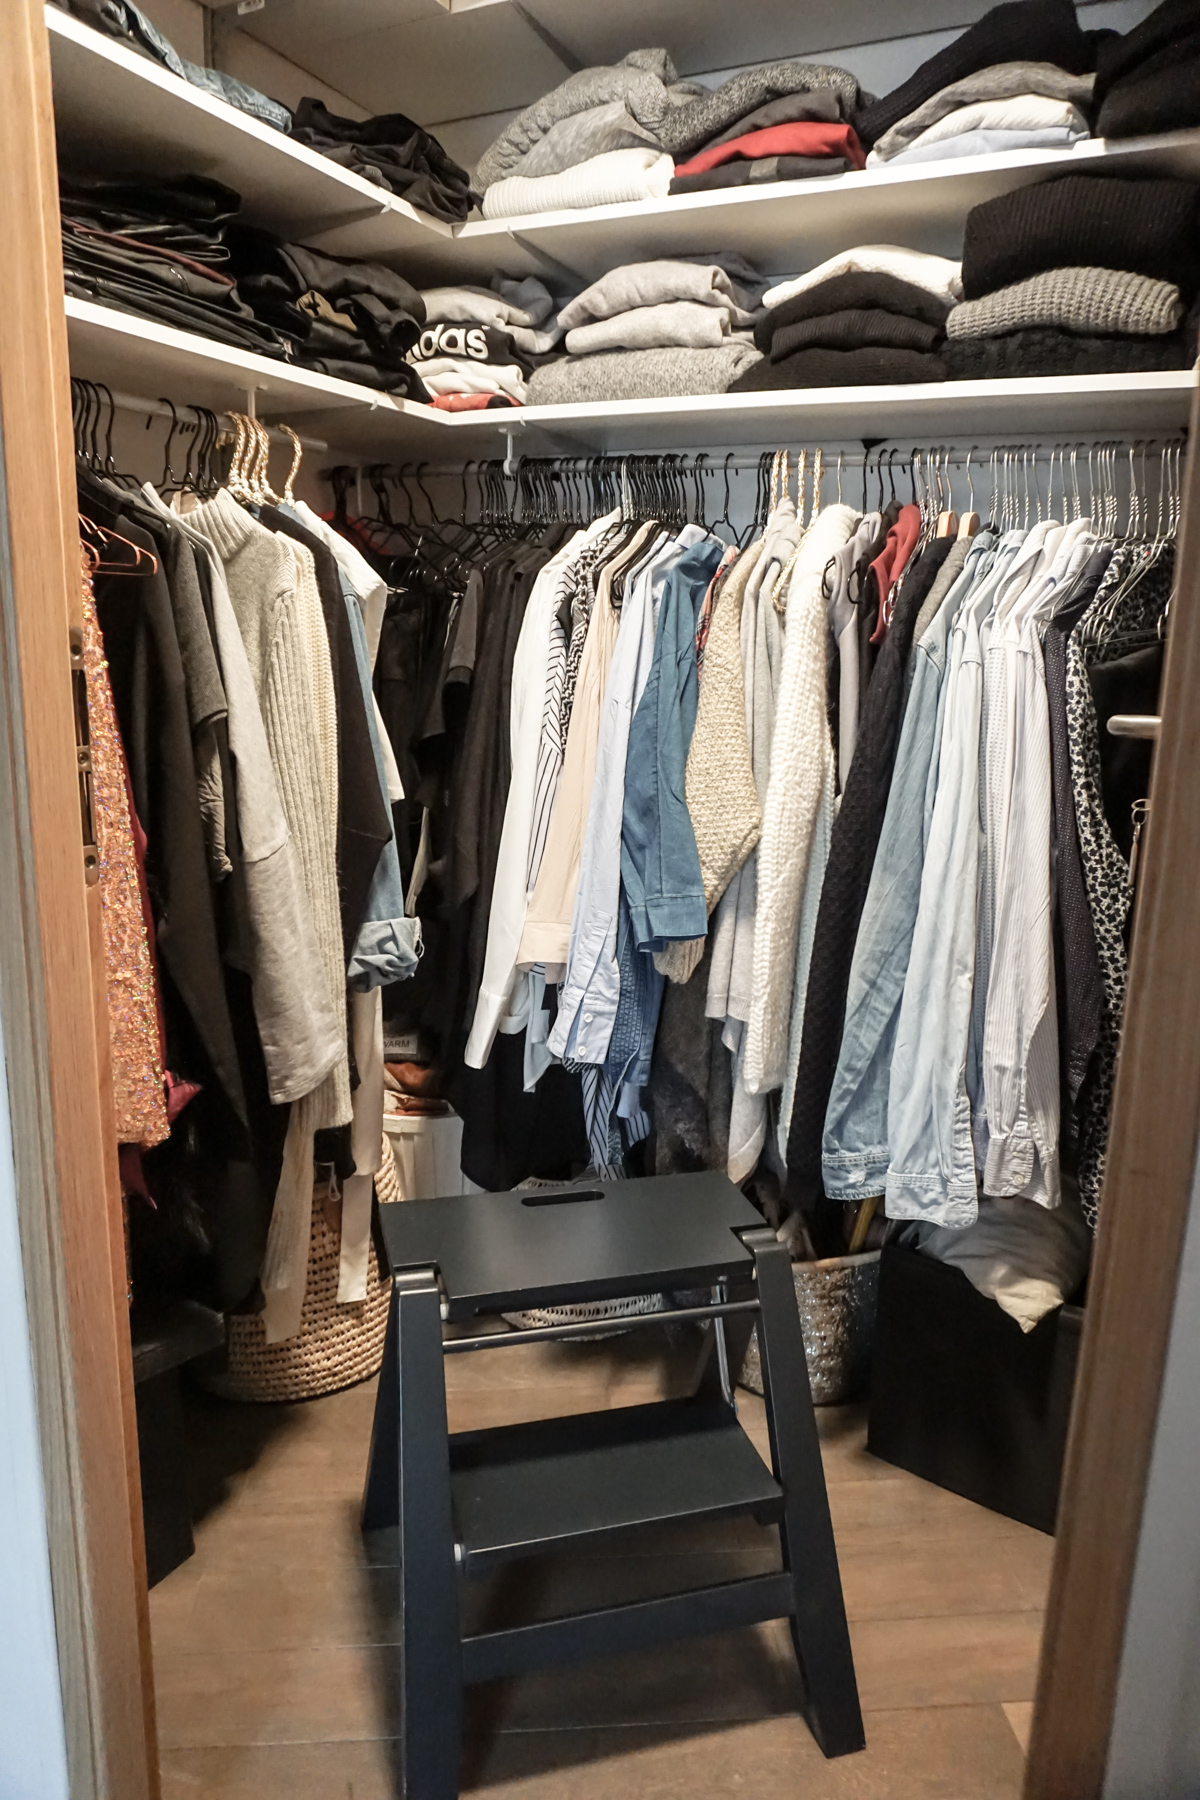 Comment Faire Un Dressing Sois Meme dÉco : chambre & dressing - n o h o l i t a